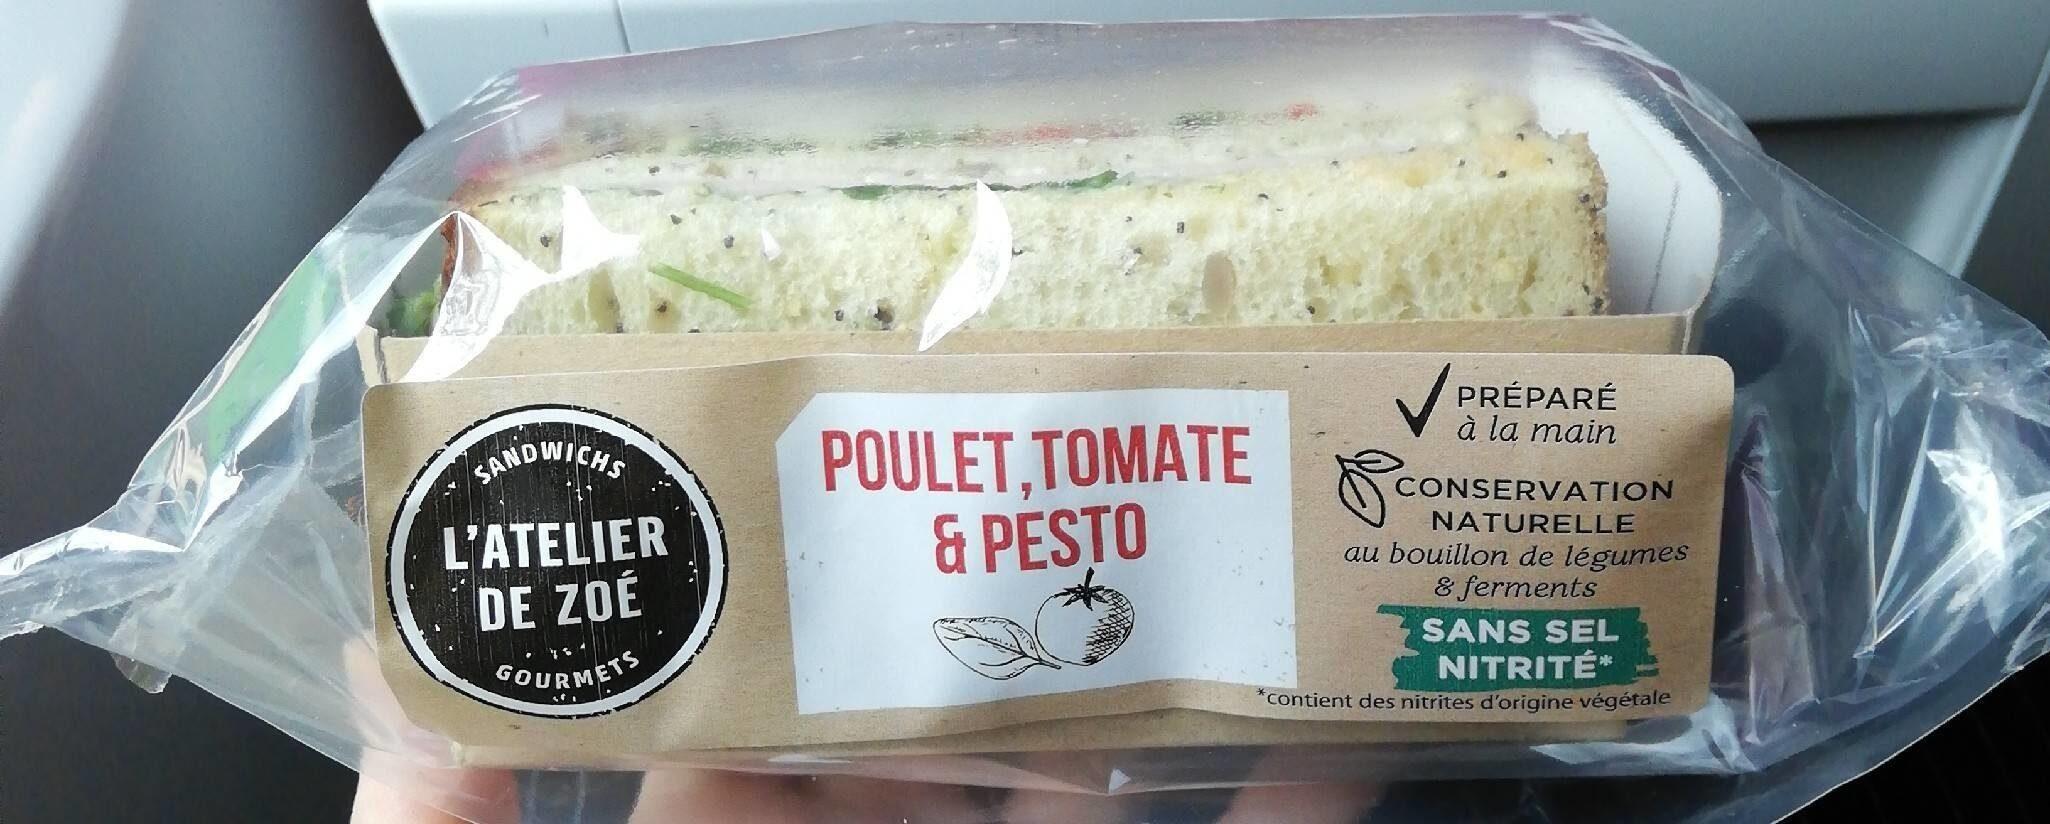 Atelier de Zoé Sandwich Poulet, Tomate & Pesto - Product - fr